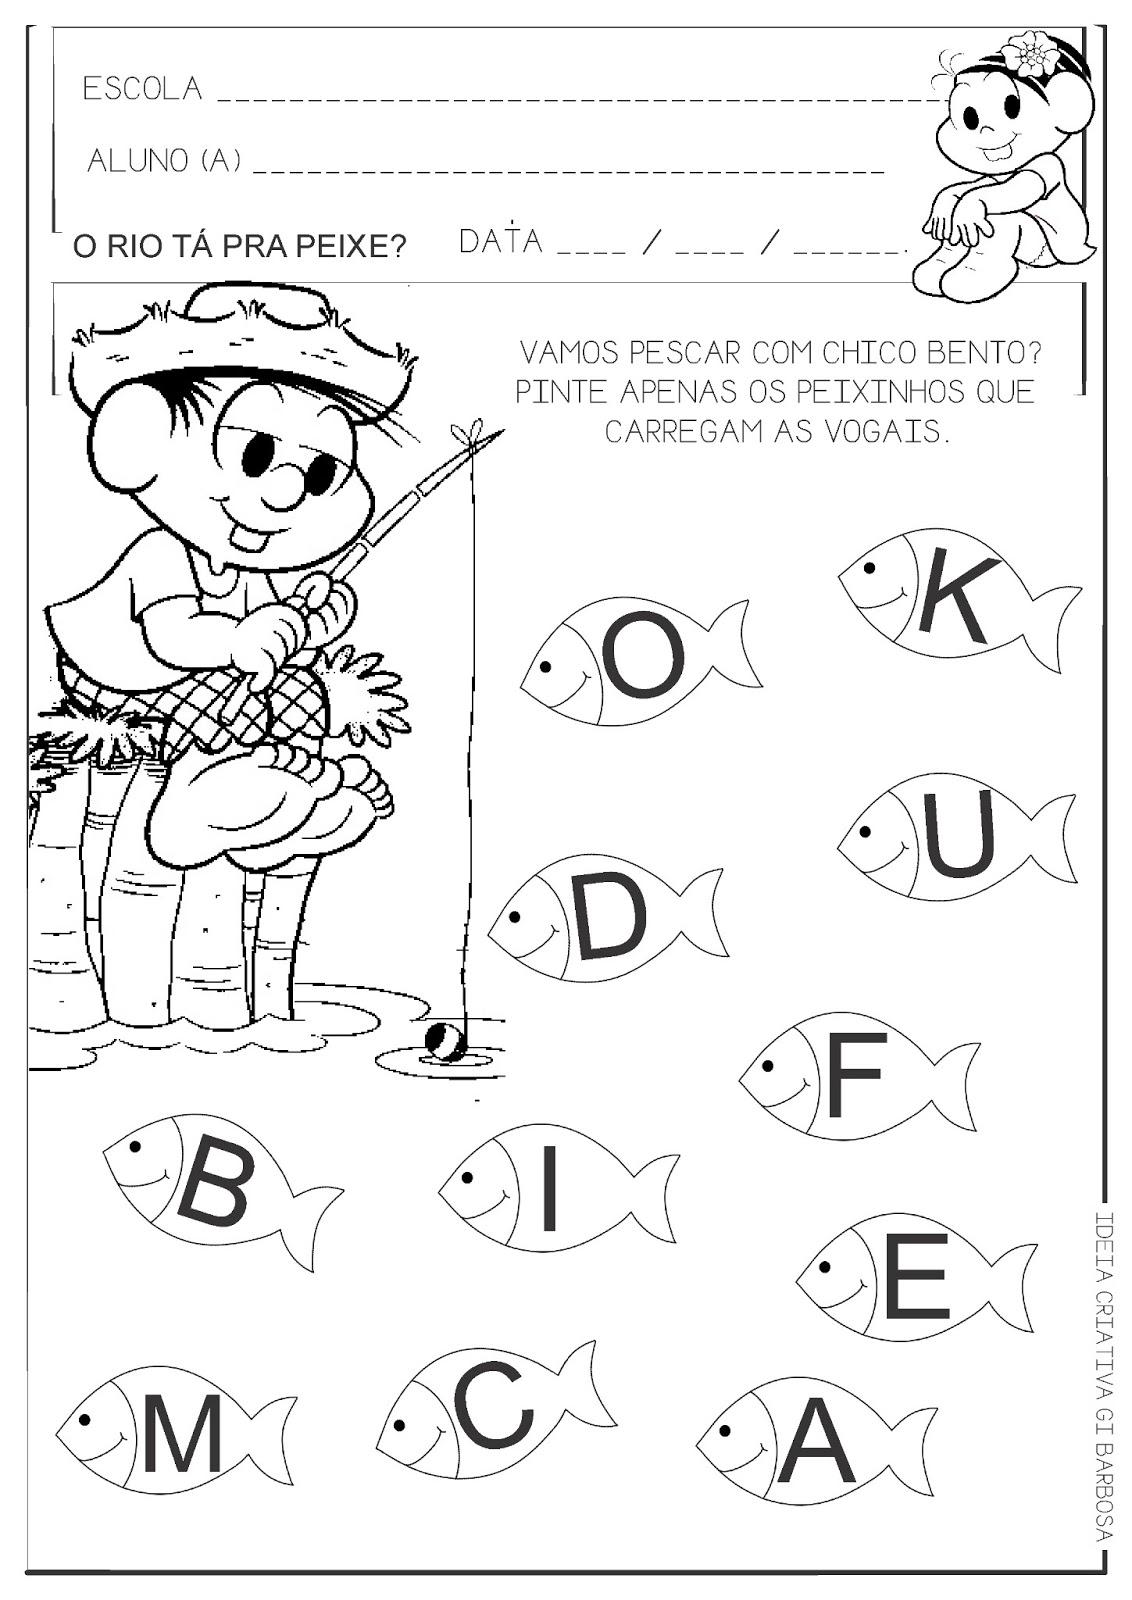 Muitas vezes Atividade Educação Infantil Vogais Chico Bento | Ideia Criativa  IN49